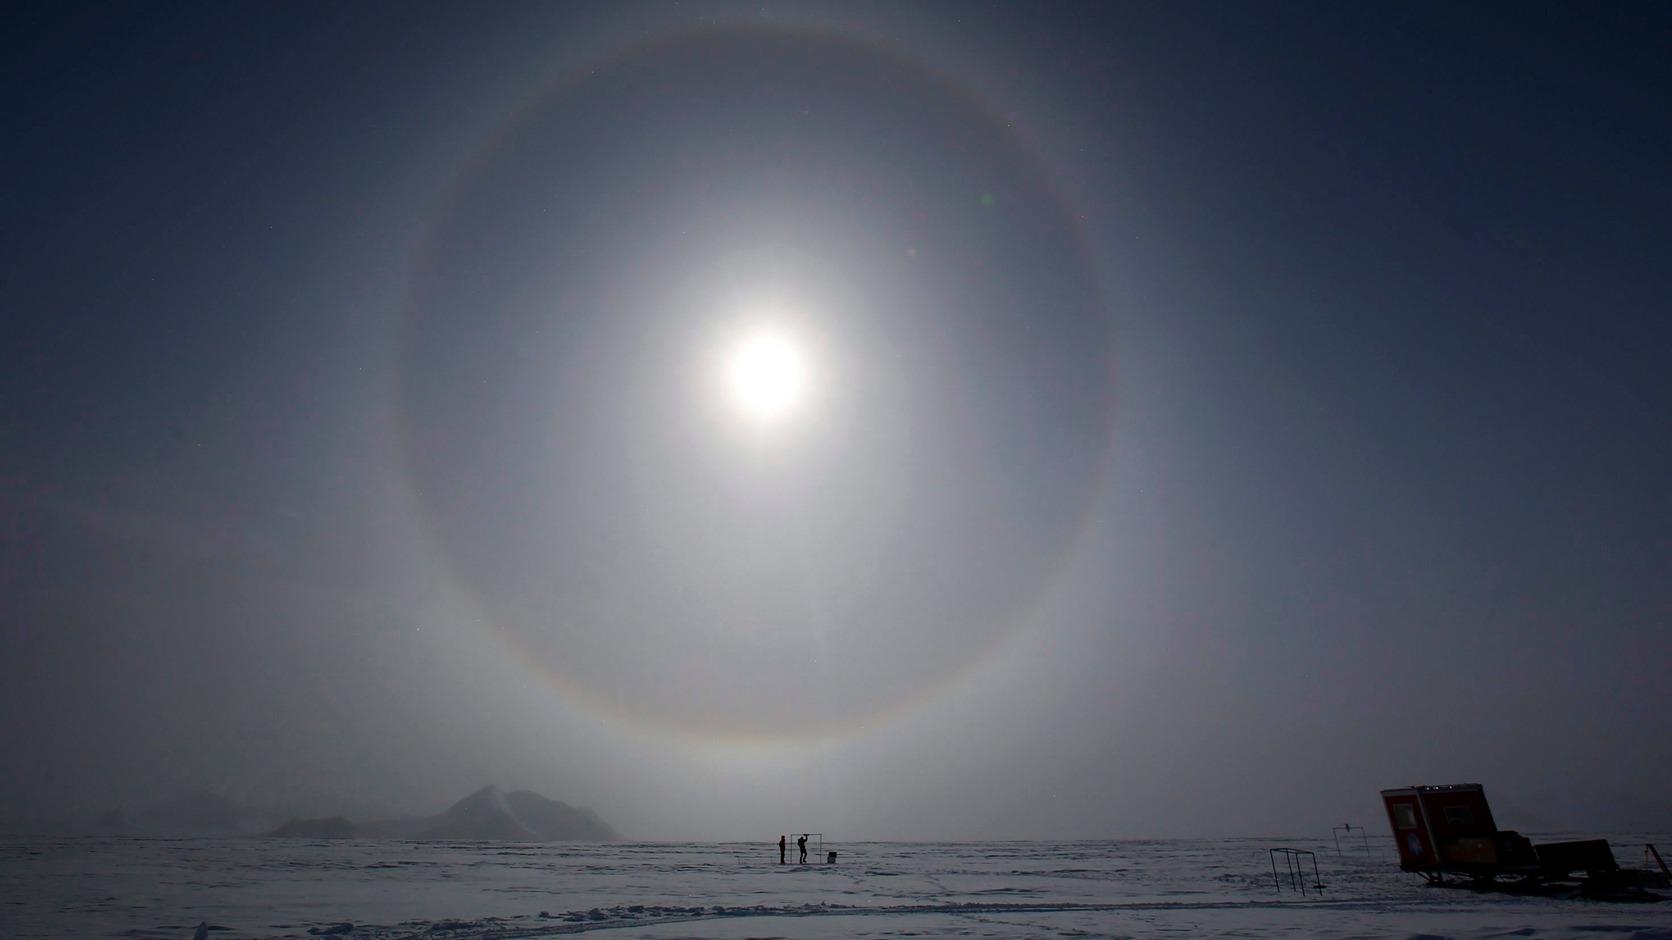 Antarktisz, 2015. december 29. A 2015. december 29-én elérhetővé vált képen tudósok a Föld felületére lejutó közvetlen napsugárzás erősségét mérik a Déli-sarkon az Union gleccsernél lévő tábor környékén 2015. november 18-án. Az Antarktisz felett kialakult ózonréteg vastagságát és a légkörben felhalmozódott, ózont károsító anyagok koncentrációját folyamatosan mérik.(MTI/EPA/Felipe Trueba)